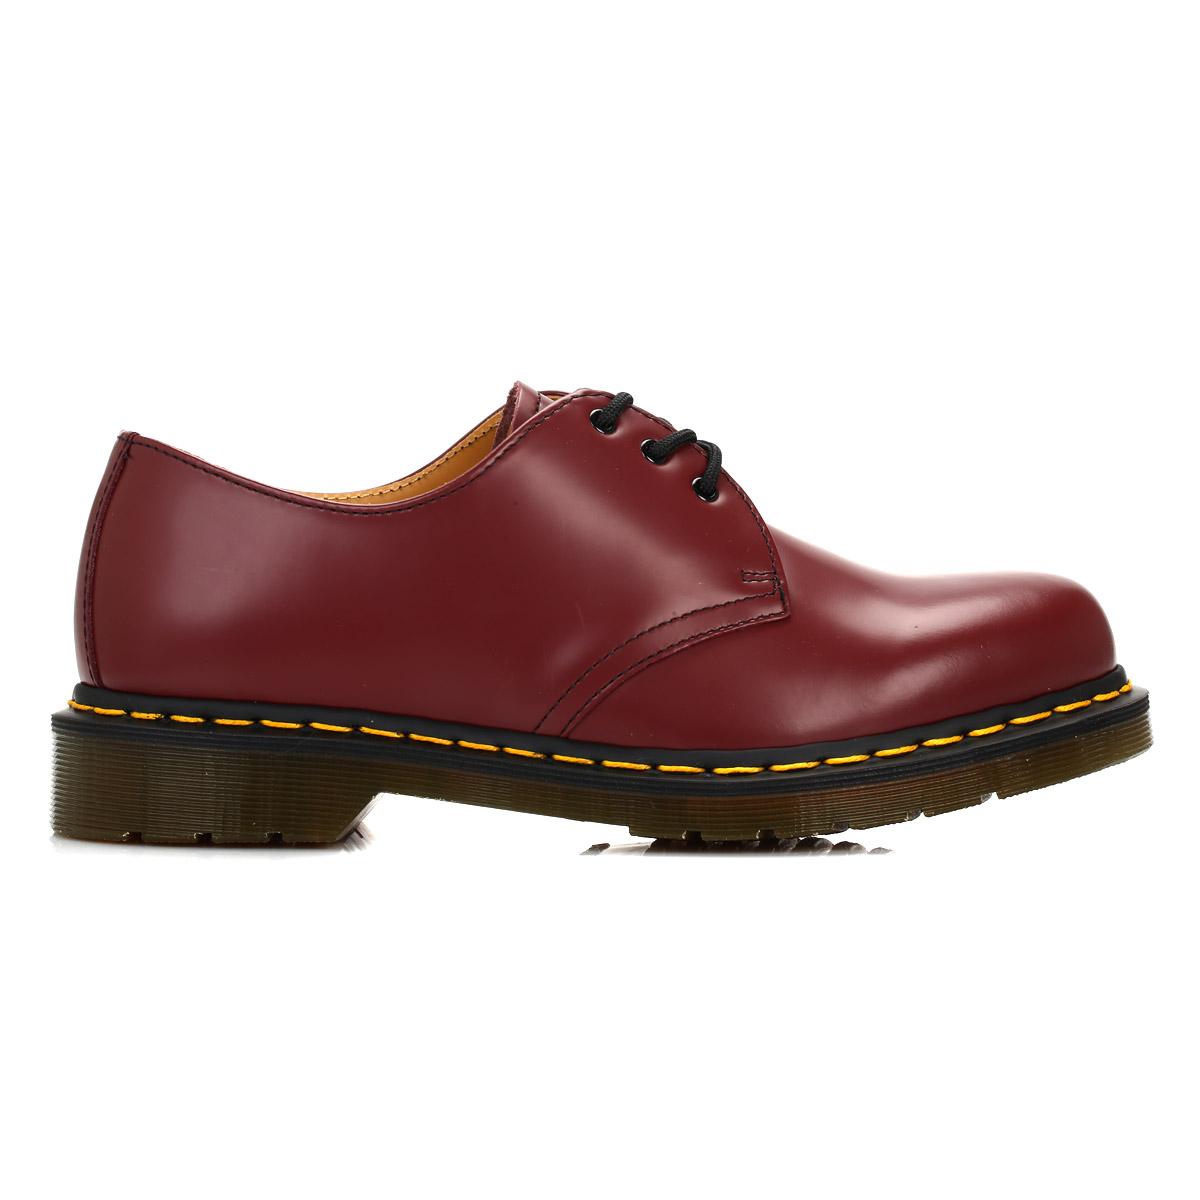 Chaussures à lacets Dr. Martens marron Casual homme Chaussures Dr. Martens 1490 noires homme  Braun (Moor) Sperry A/O Gore Filles Chaussures bateau en cuir-Silver-33  Bottes de Neige Femme tyg3EA